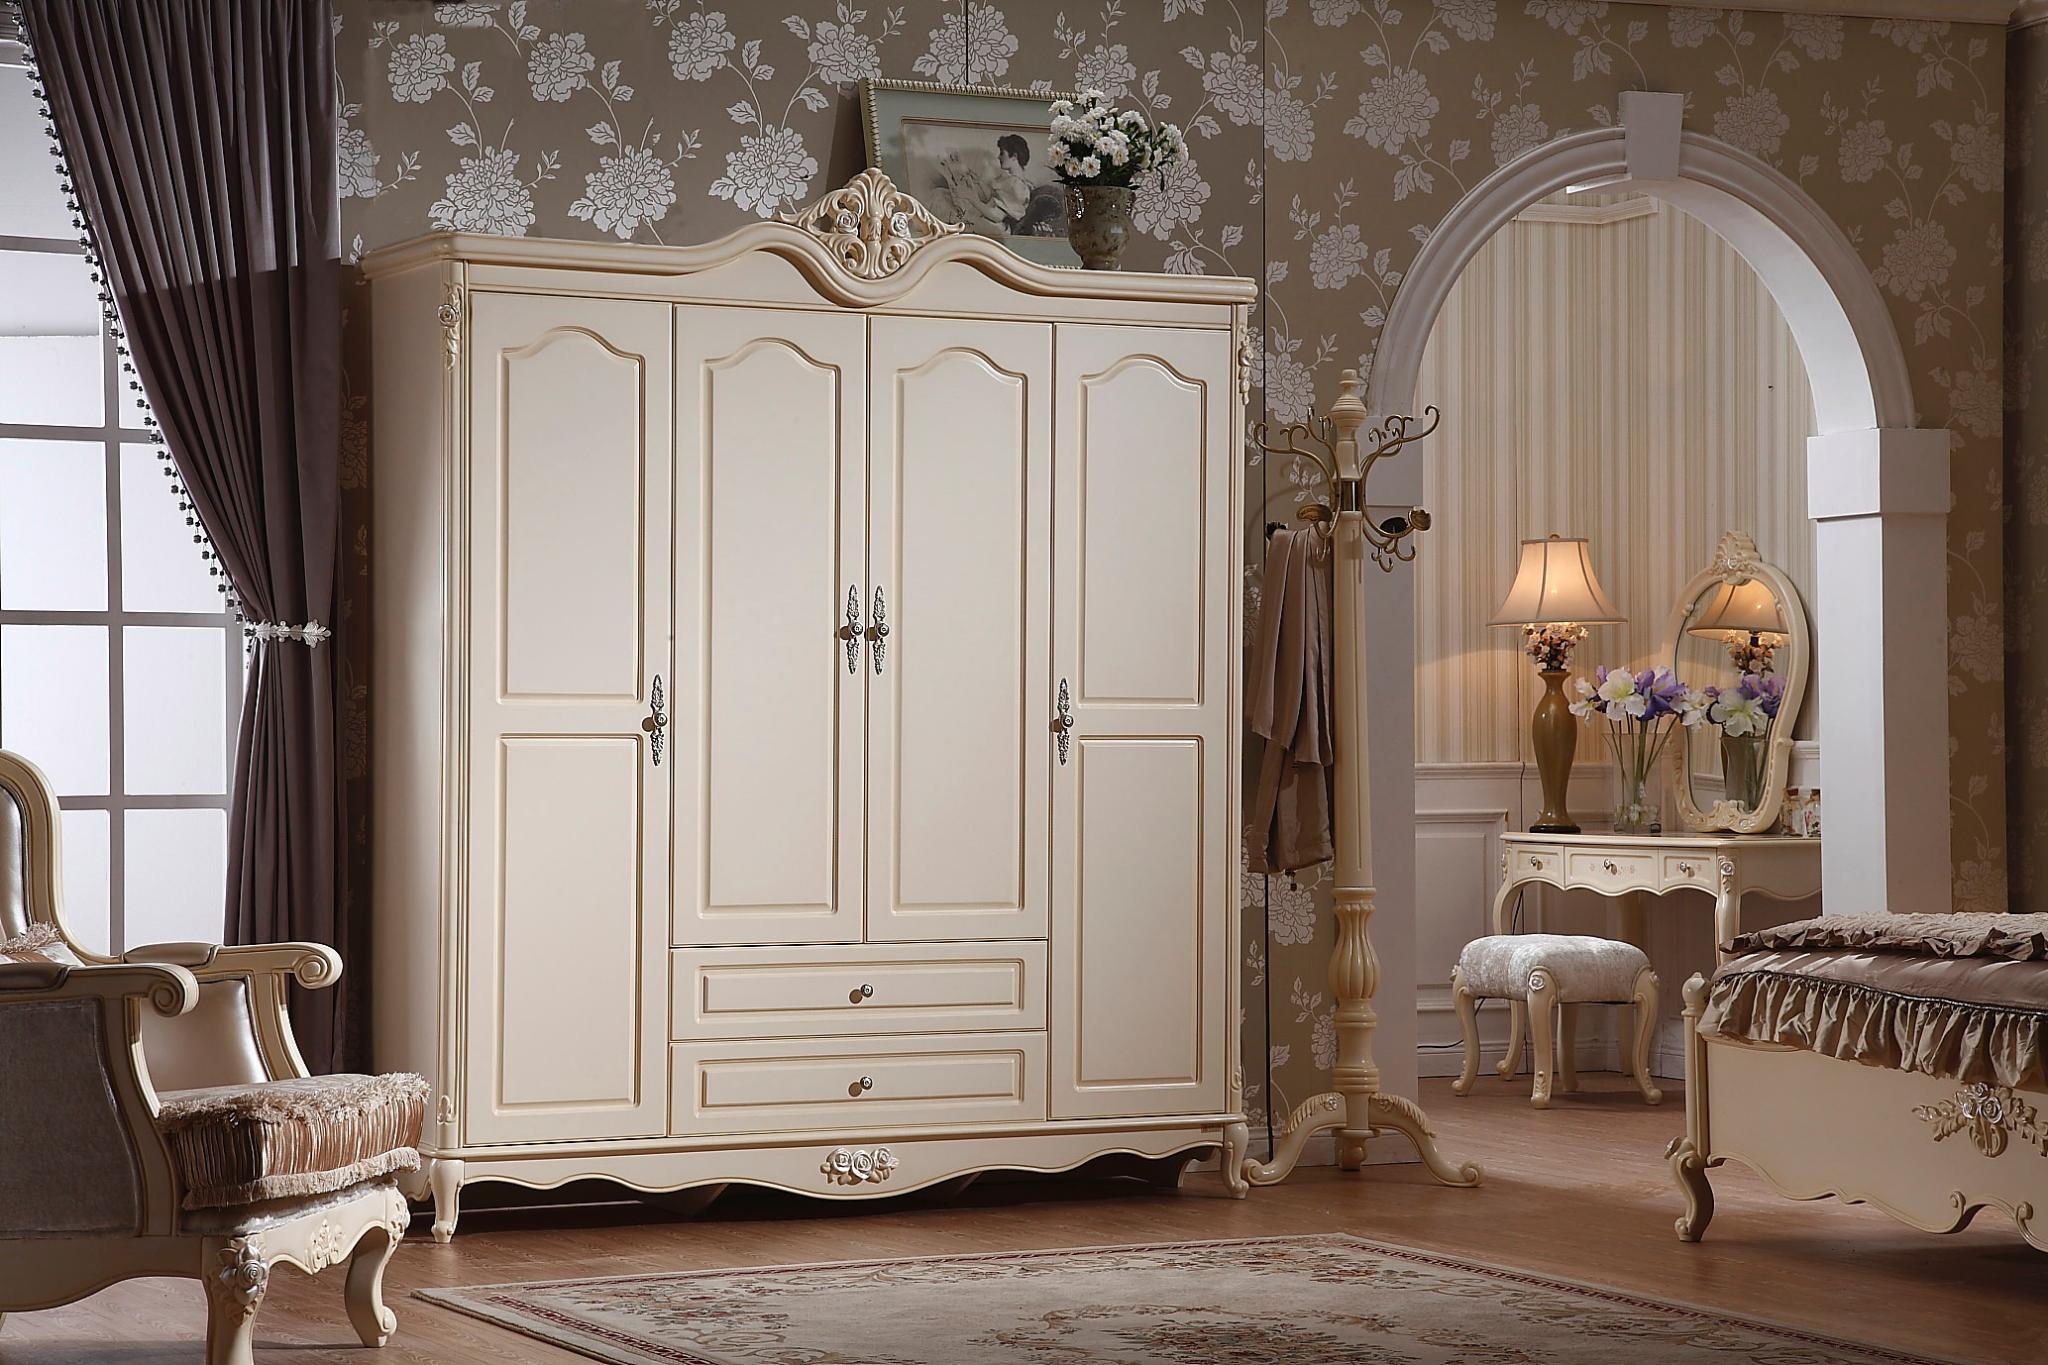 木槿之恋玫瑰欧式家具——年度十大欧式图片